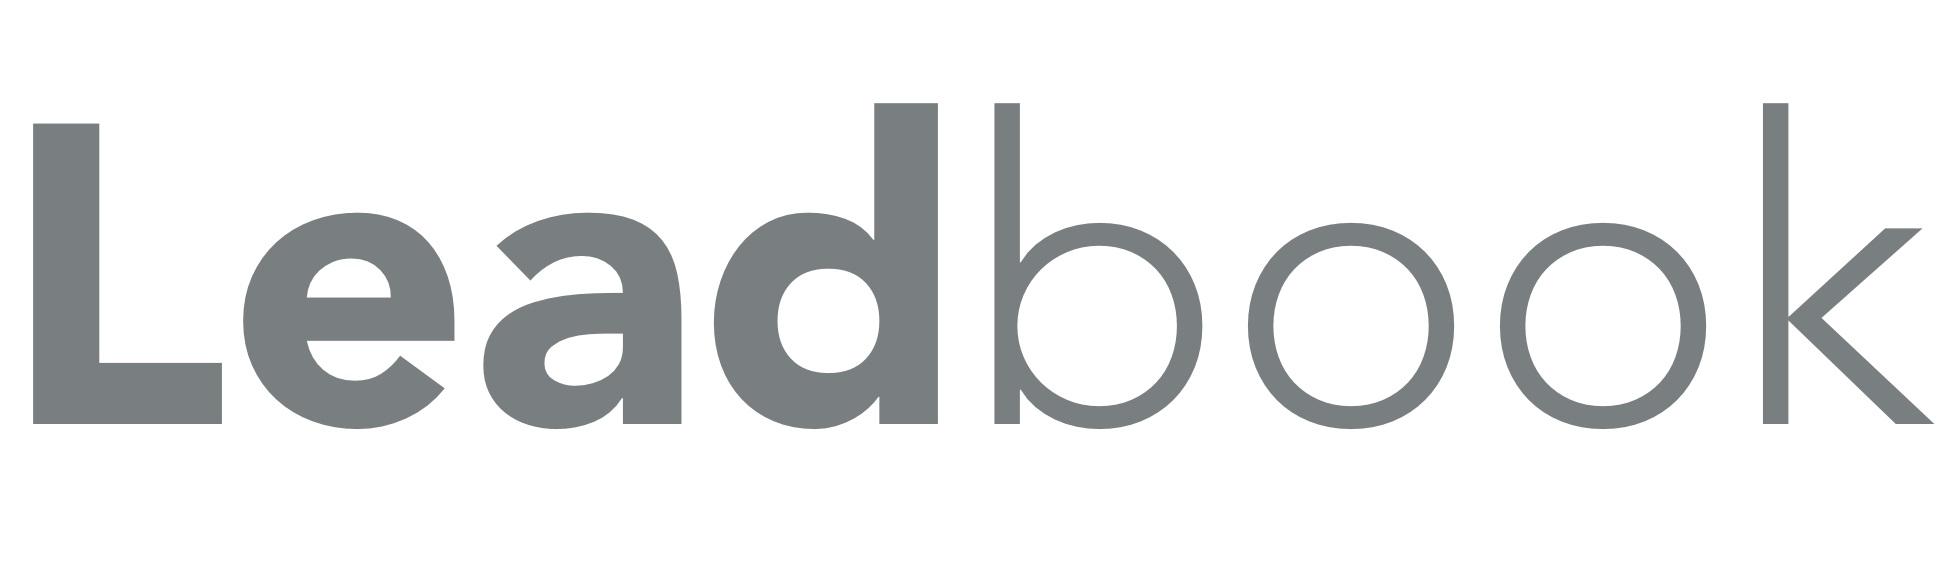 leadbook-logo-light-hi-res.jpg